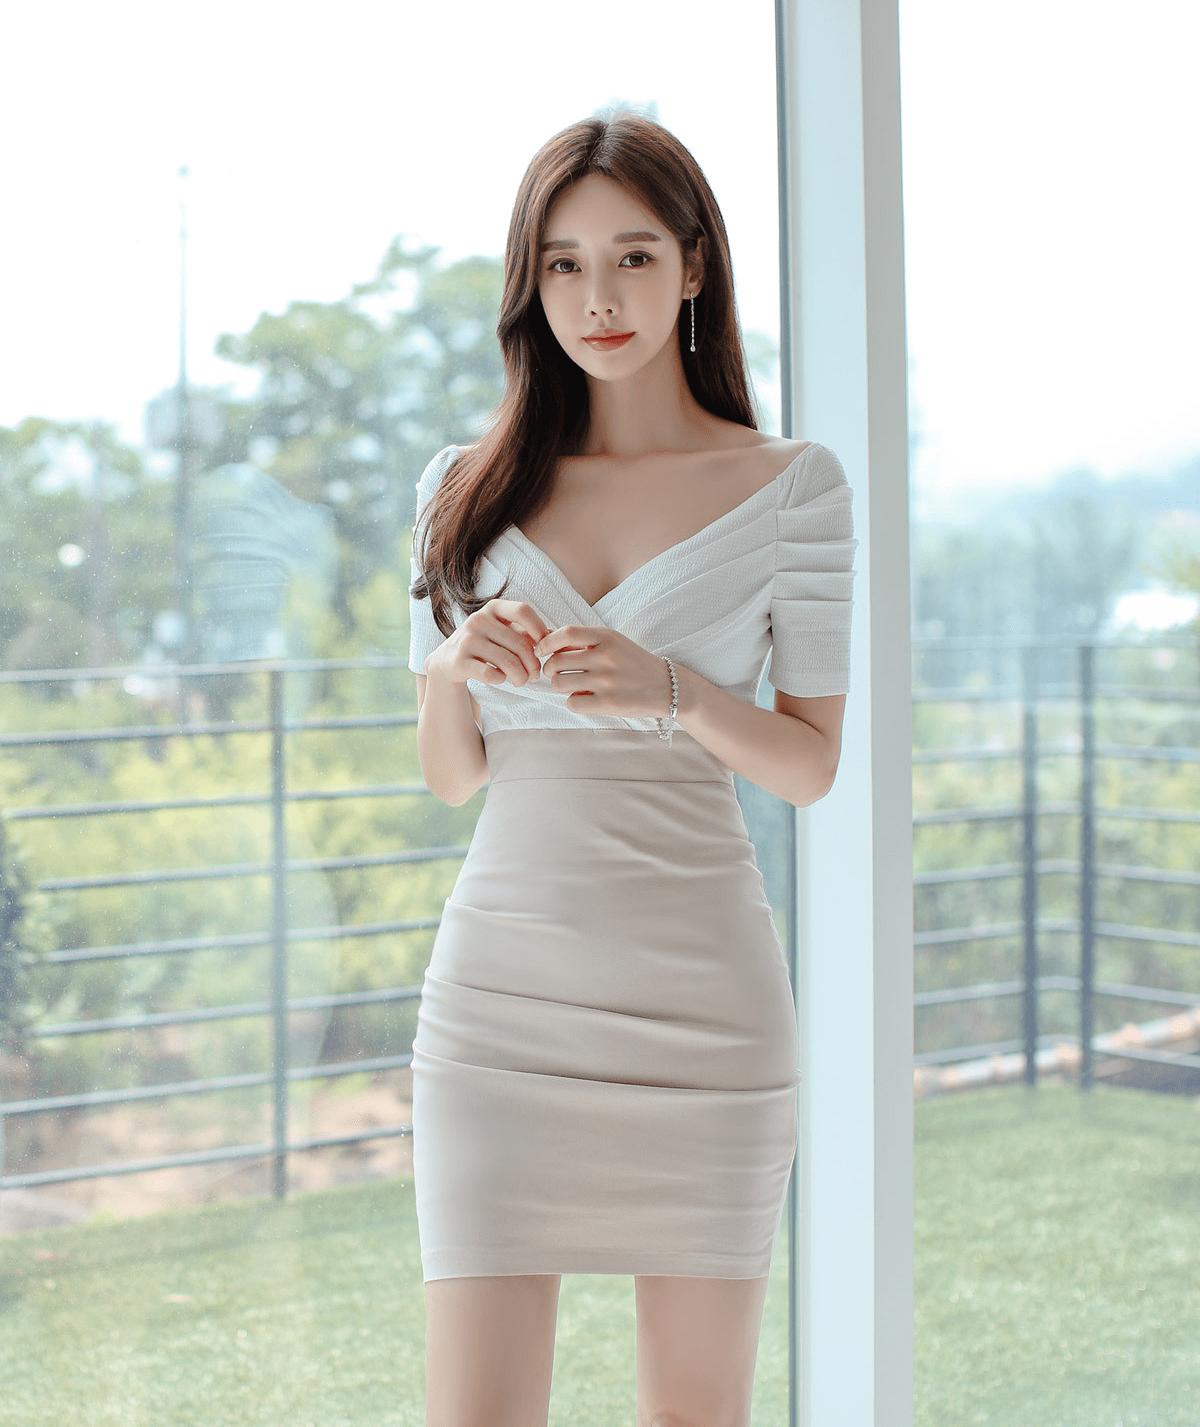 韩国模特孙允珠粉色长裙高清图片